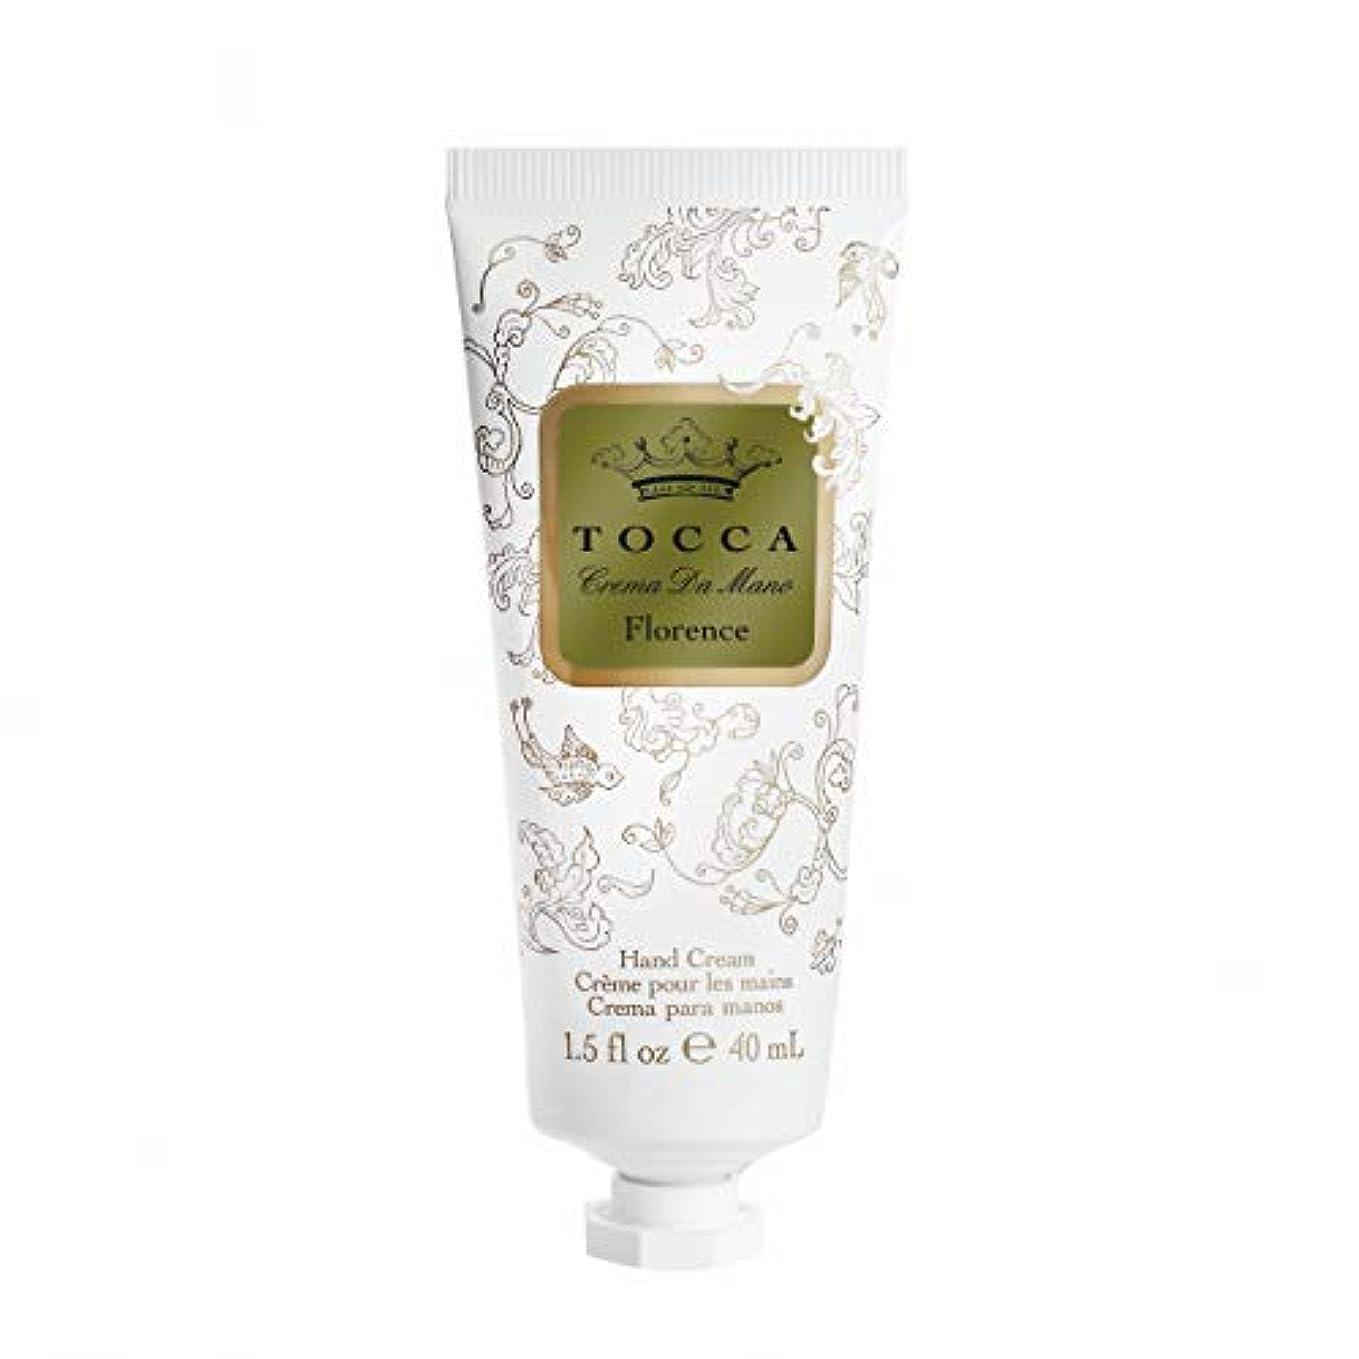 それにもかかわらず処方する狭いトッカ(TOCCA) ハンドクリーム フローレンスの香り 40mL (ガーデニアとベルガモットが誘うように溶け合うどこまでも上品なフローラルの香り)